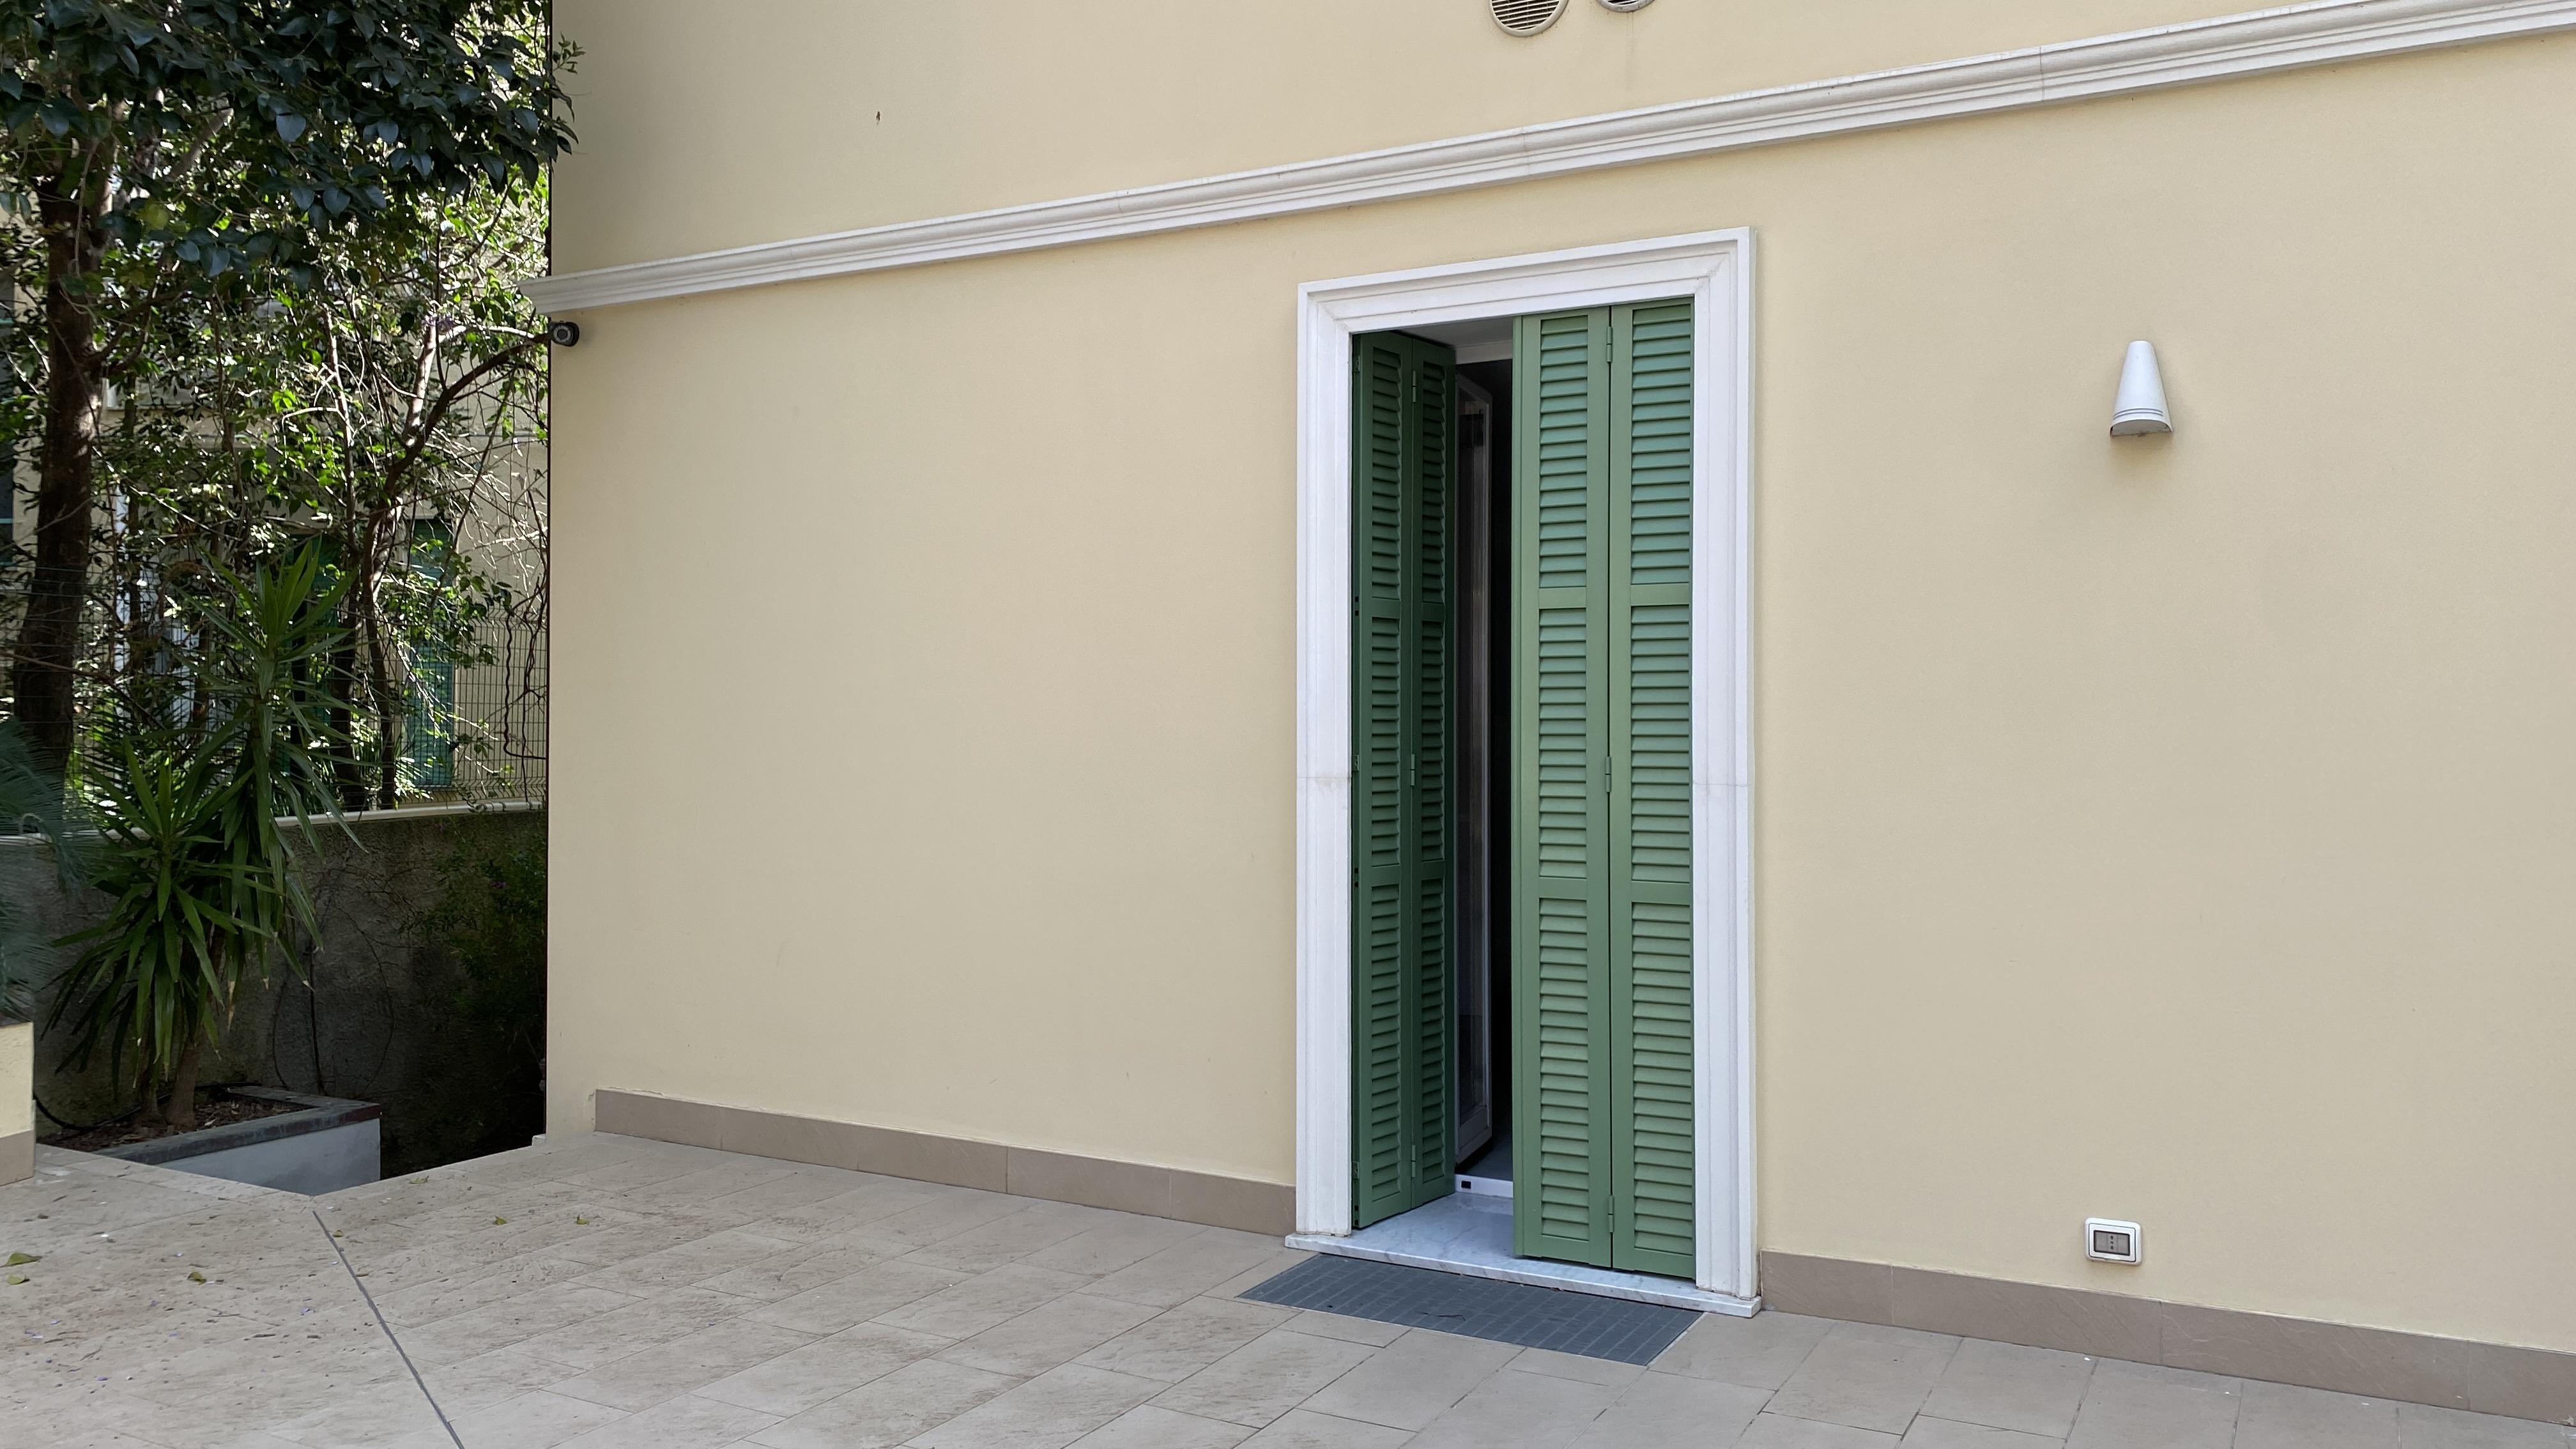 Sanremo (IM) zona centrale, in condominio d'epoca.